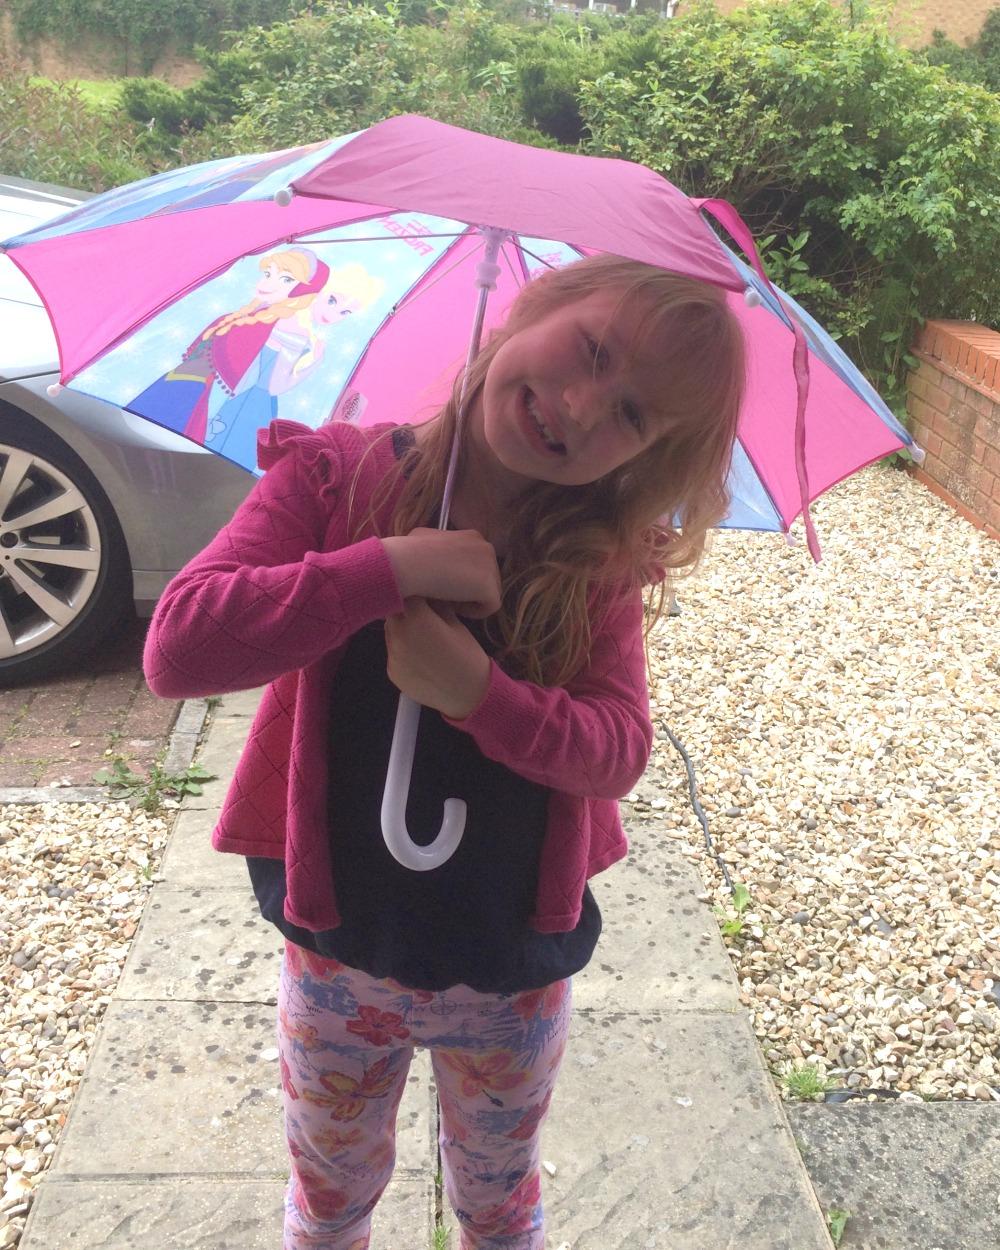 Girl with a Disney Umbrella